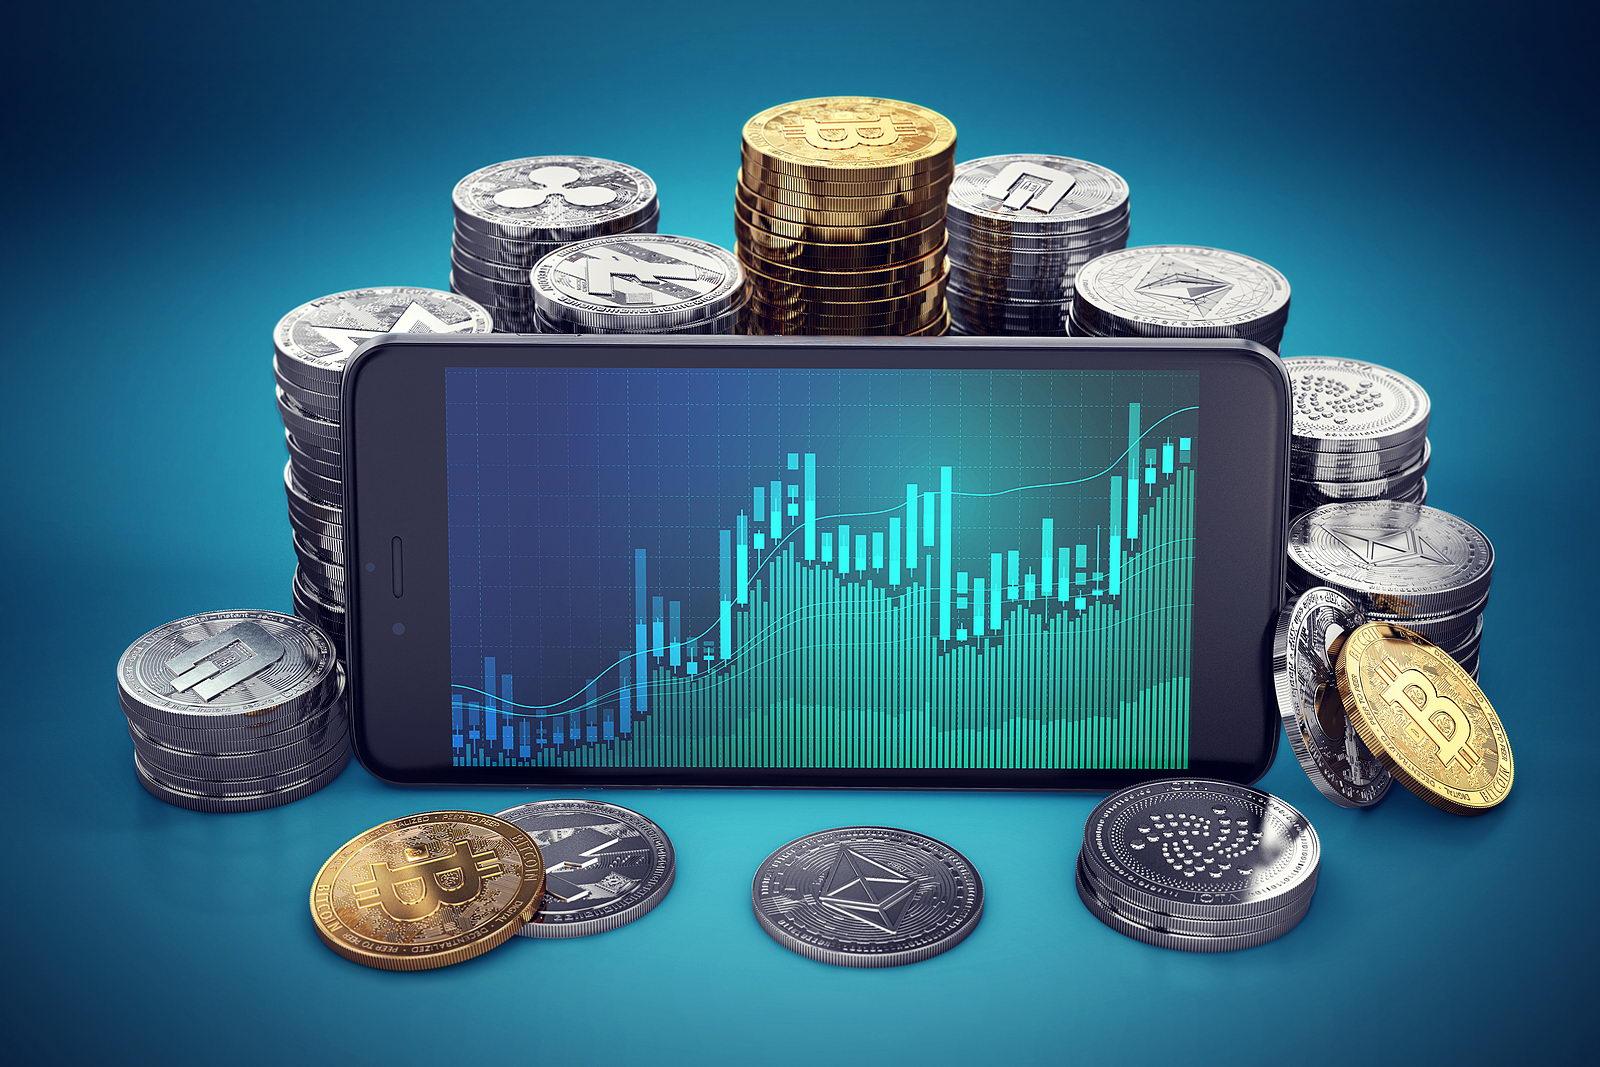 На биржи переведены $5,28 млрд в стейблкоинах и выведено 19639 биткоинов